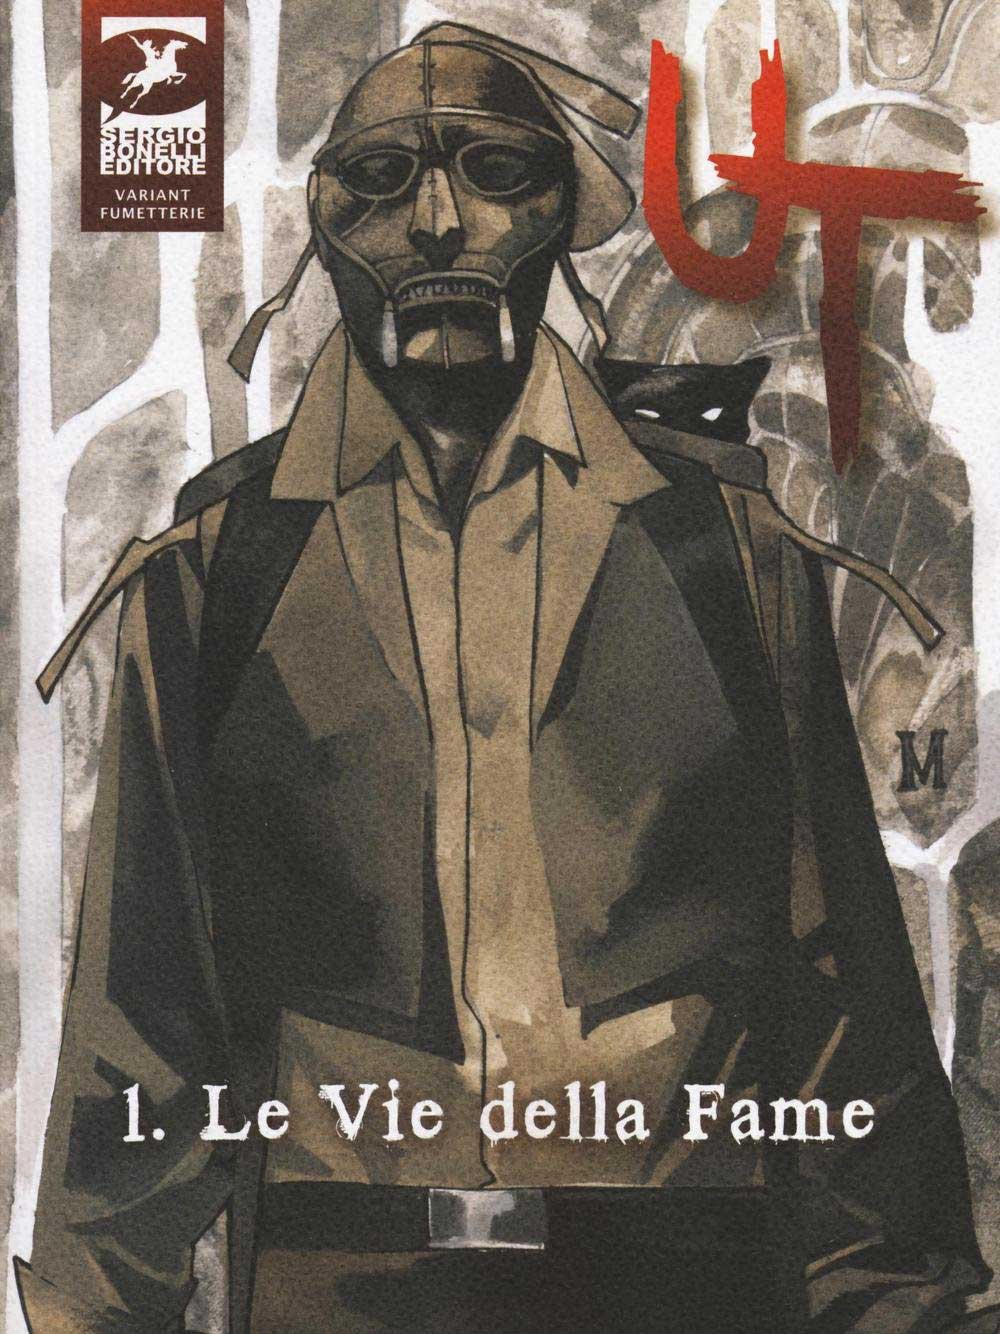 Libri UT Vol 01 - Le Vie Della Fame (Ed. Variant) NUOVO SIGILLATO, EDIZIONE DEL 31/03/2016 SUBITO DISPONIBILE